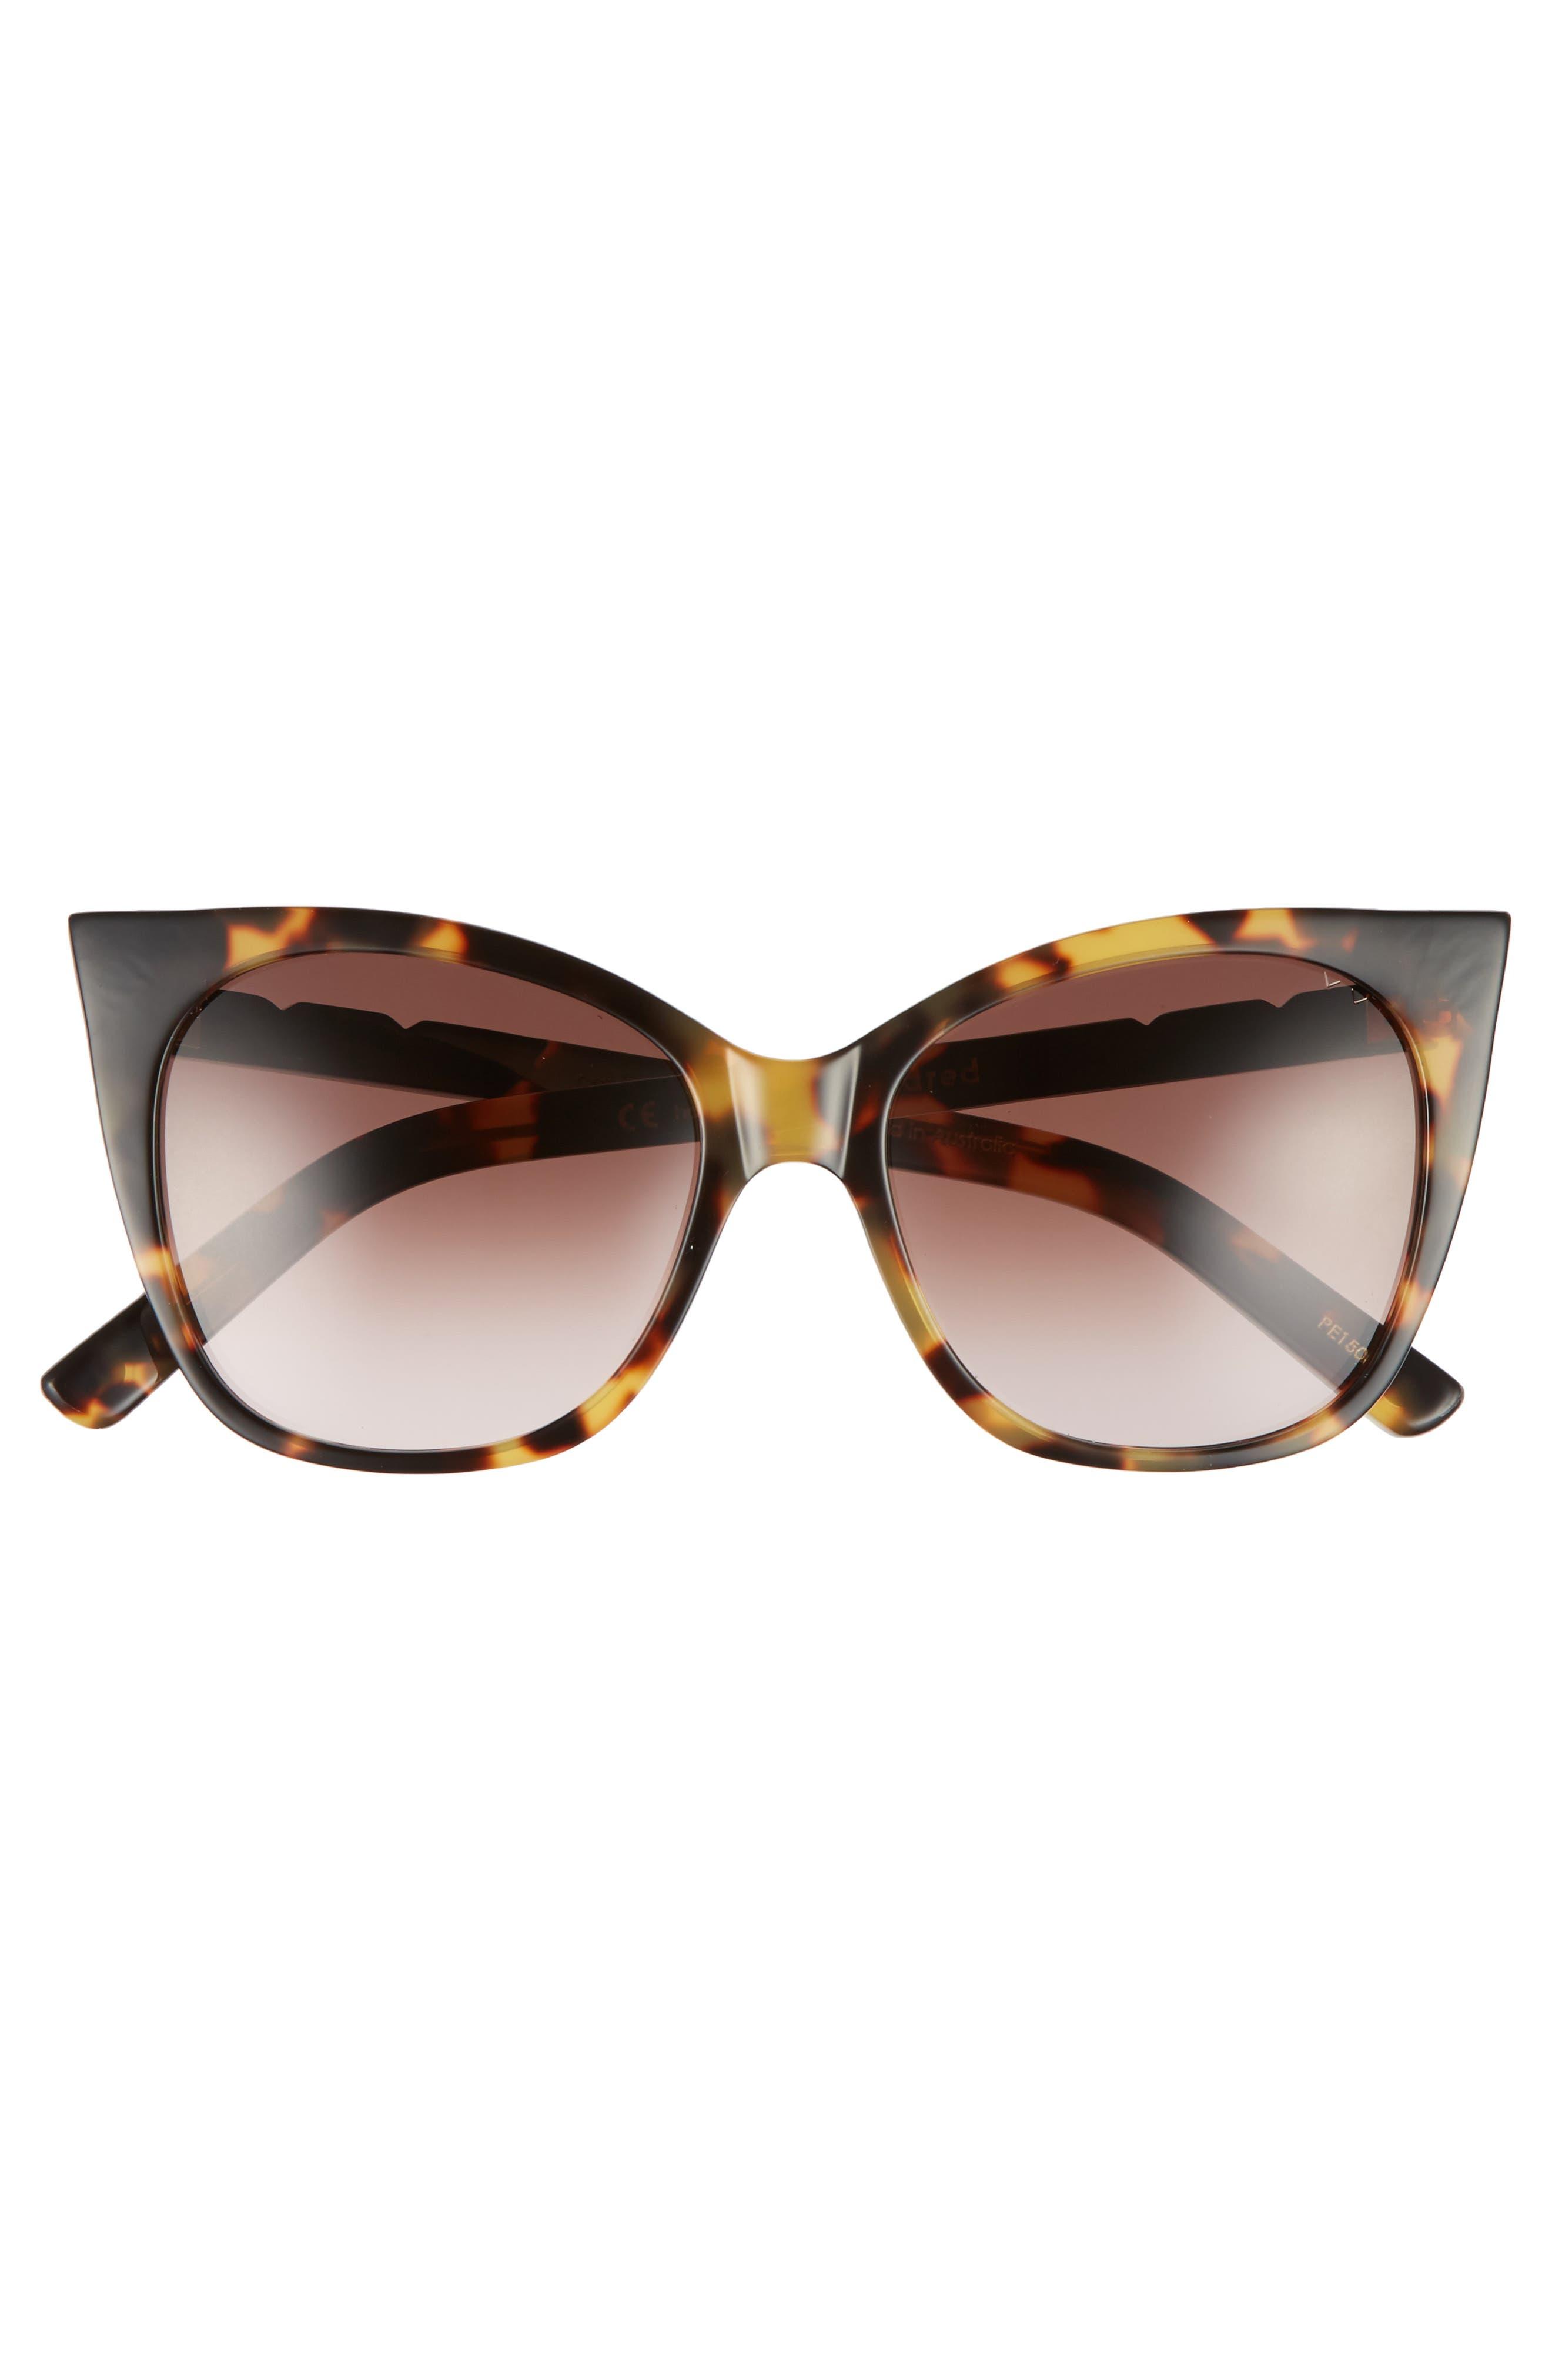 Cat & Mouse 51mm Cat Eye Sunglasses,                             Alternate thumbnail 3, color,                             DARK TORTOISE/ BLACK BROWN